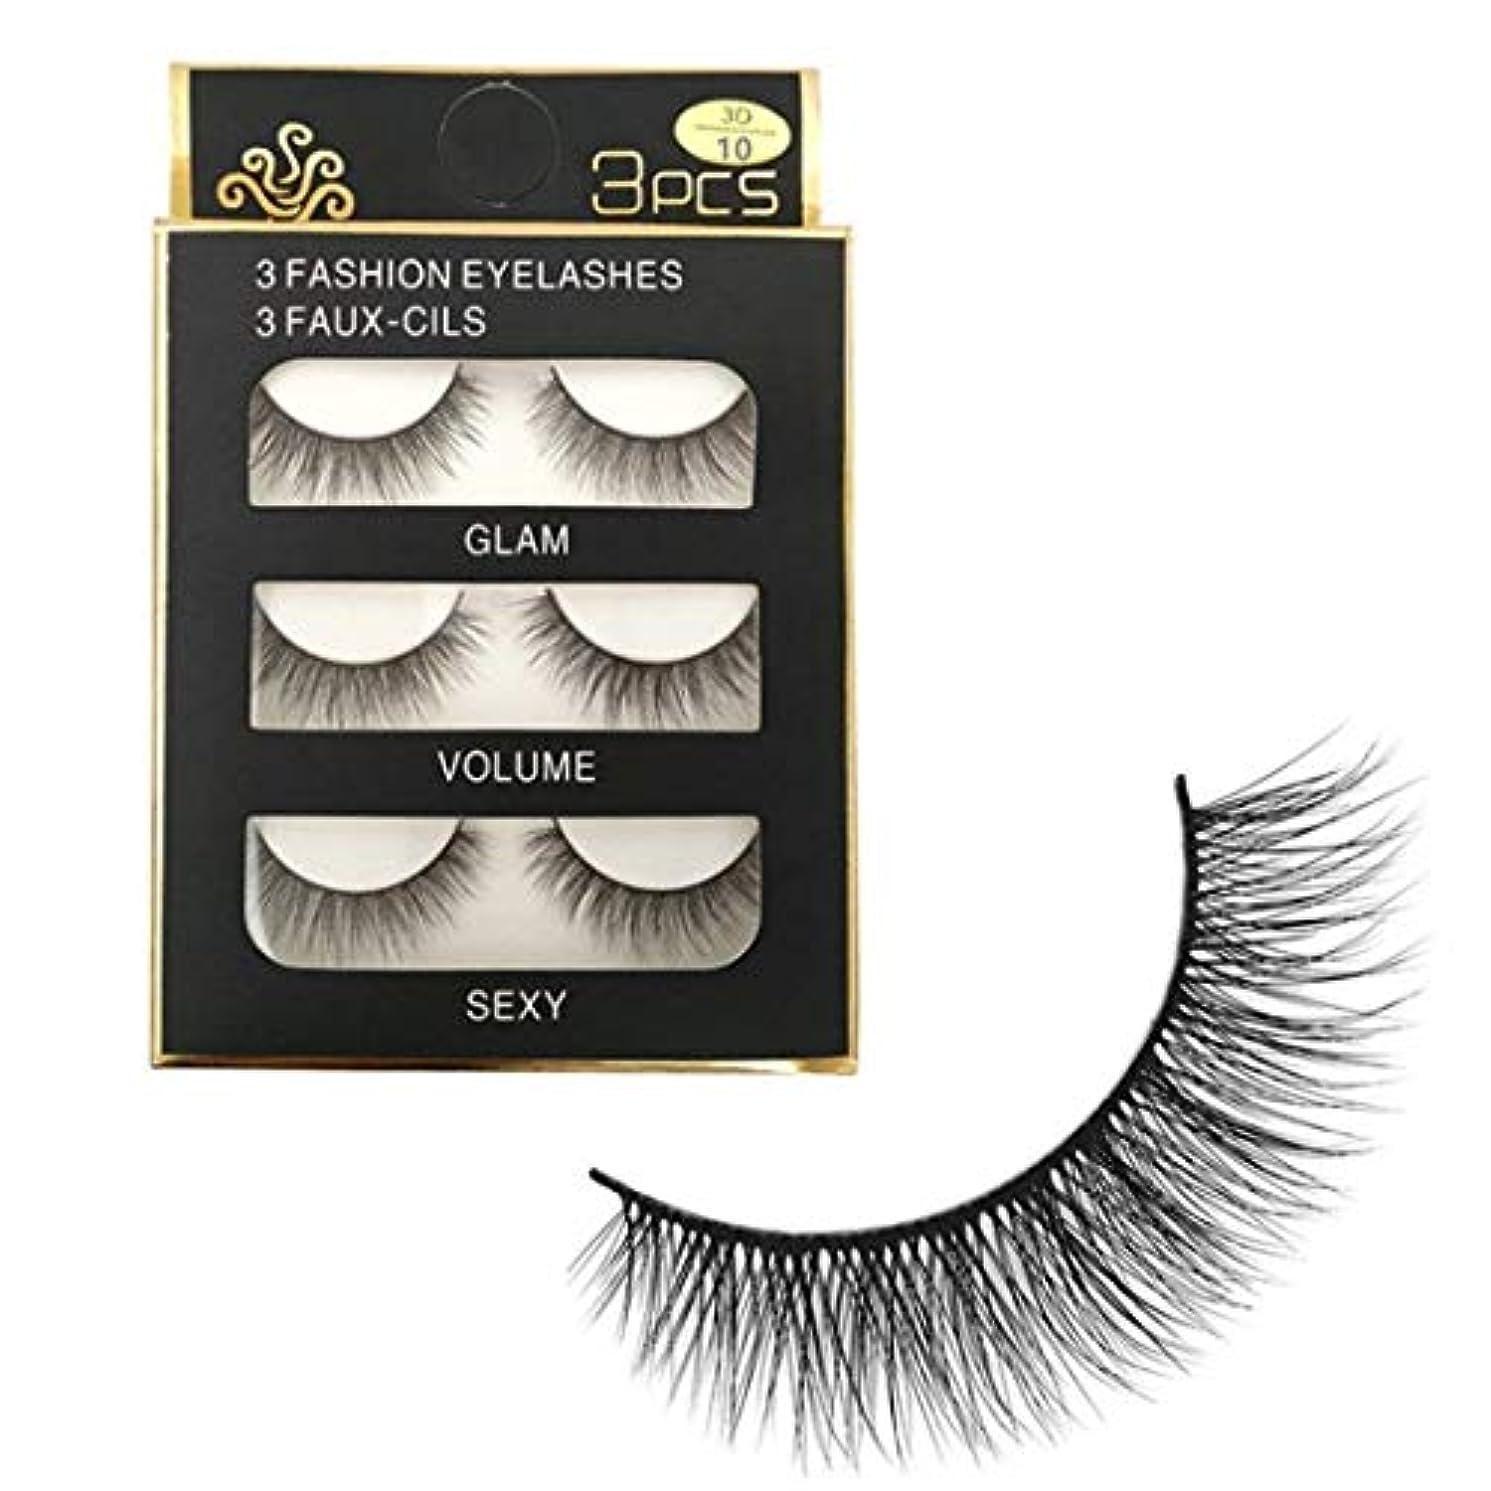 興奮するカスケード素晴らしさYUIOG つけまつげ 高級繊維 手作業 アイラッシュ やわらかい まつげ 自然 人気 つけまつ毛 3D 大きい目 付けまつ毛 6pcs (ブラック 3ペア )eye 上まつげ用 (10JM)